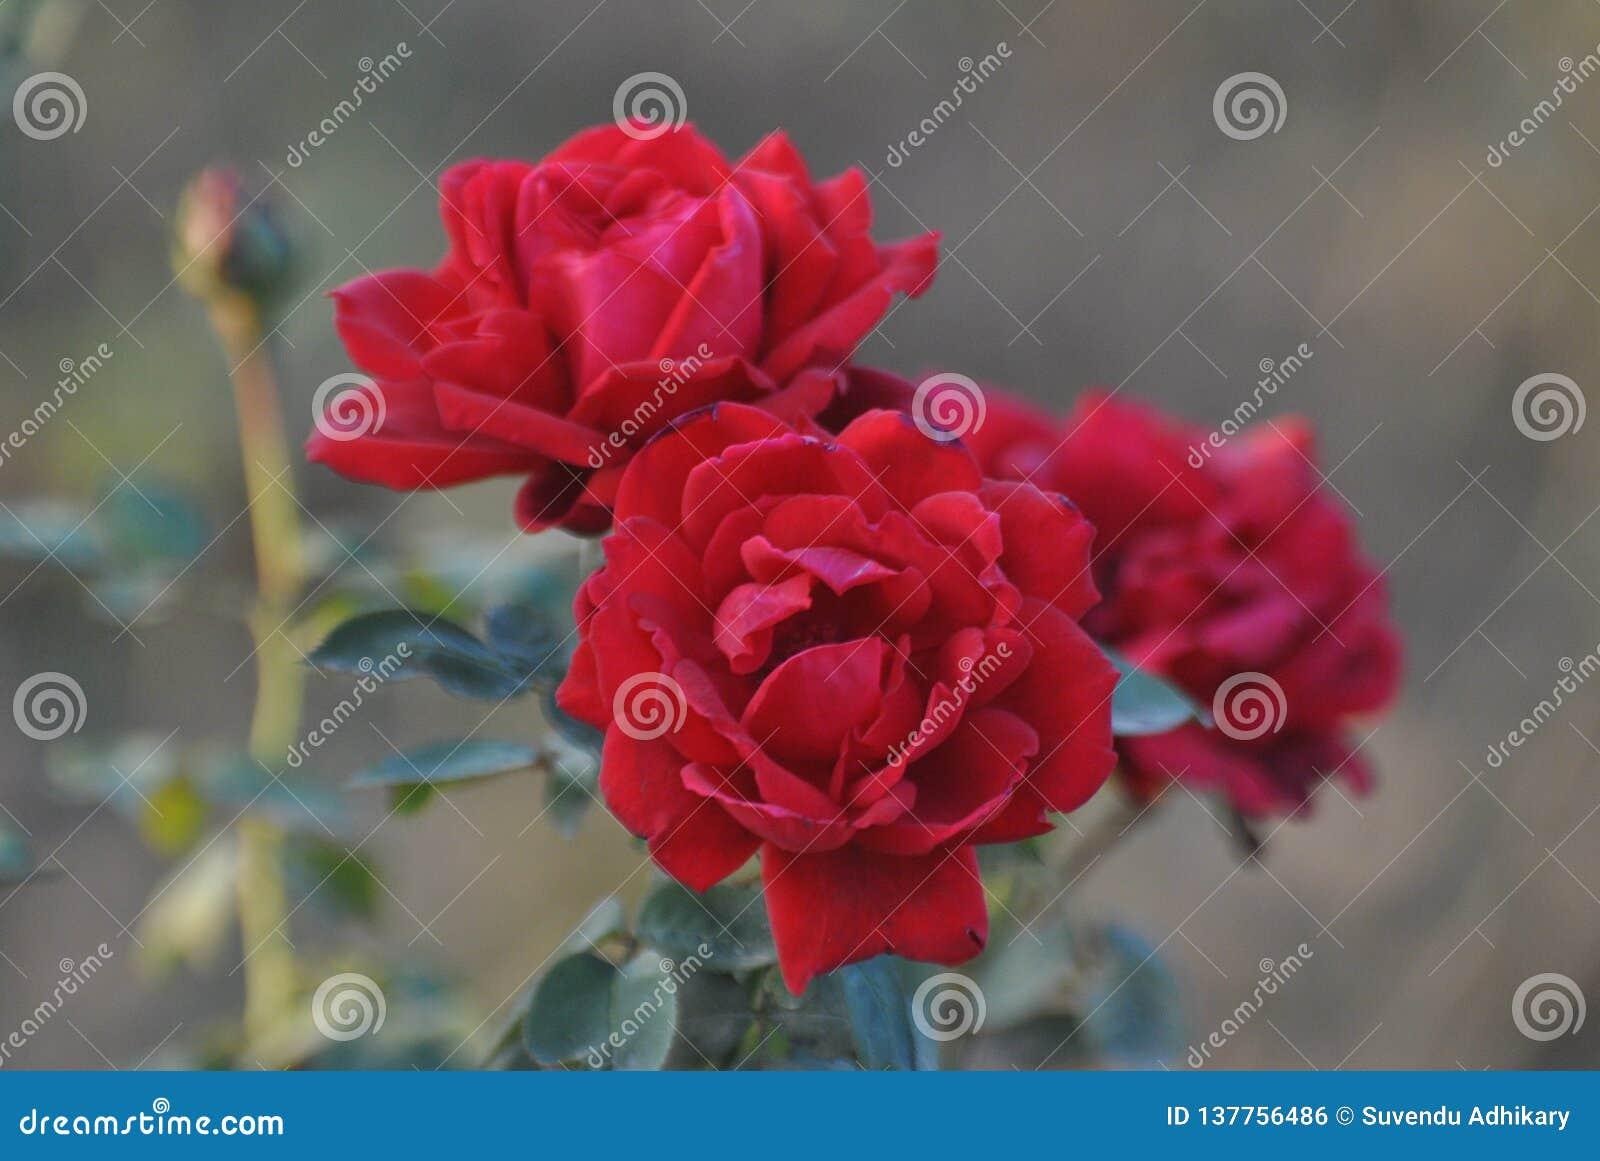 Blomma röda rosor som sågar lycka och fred